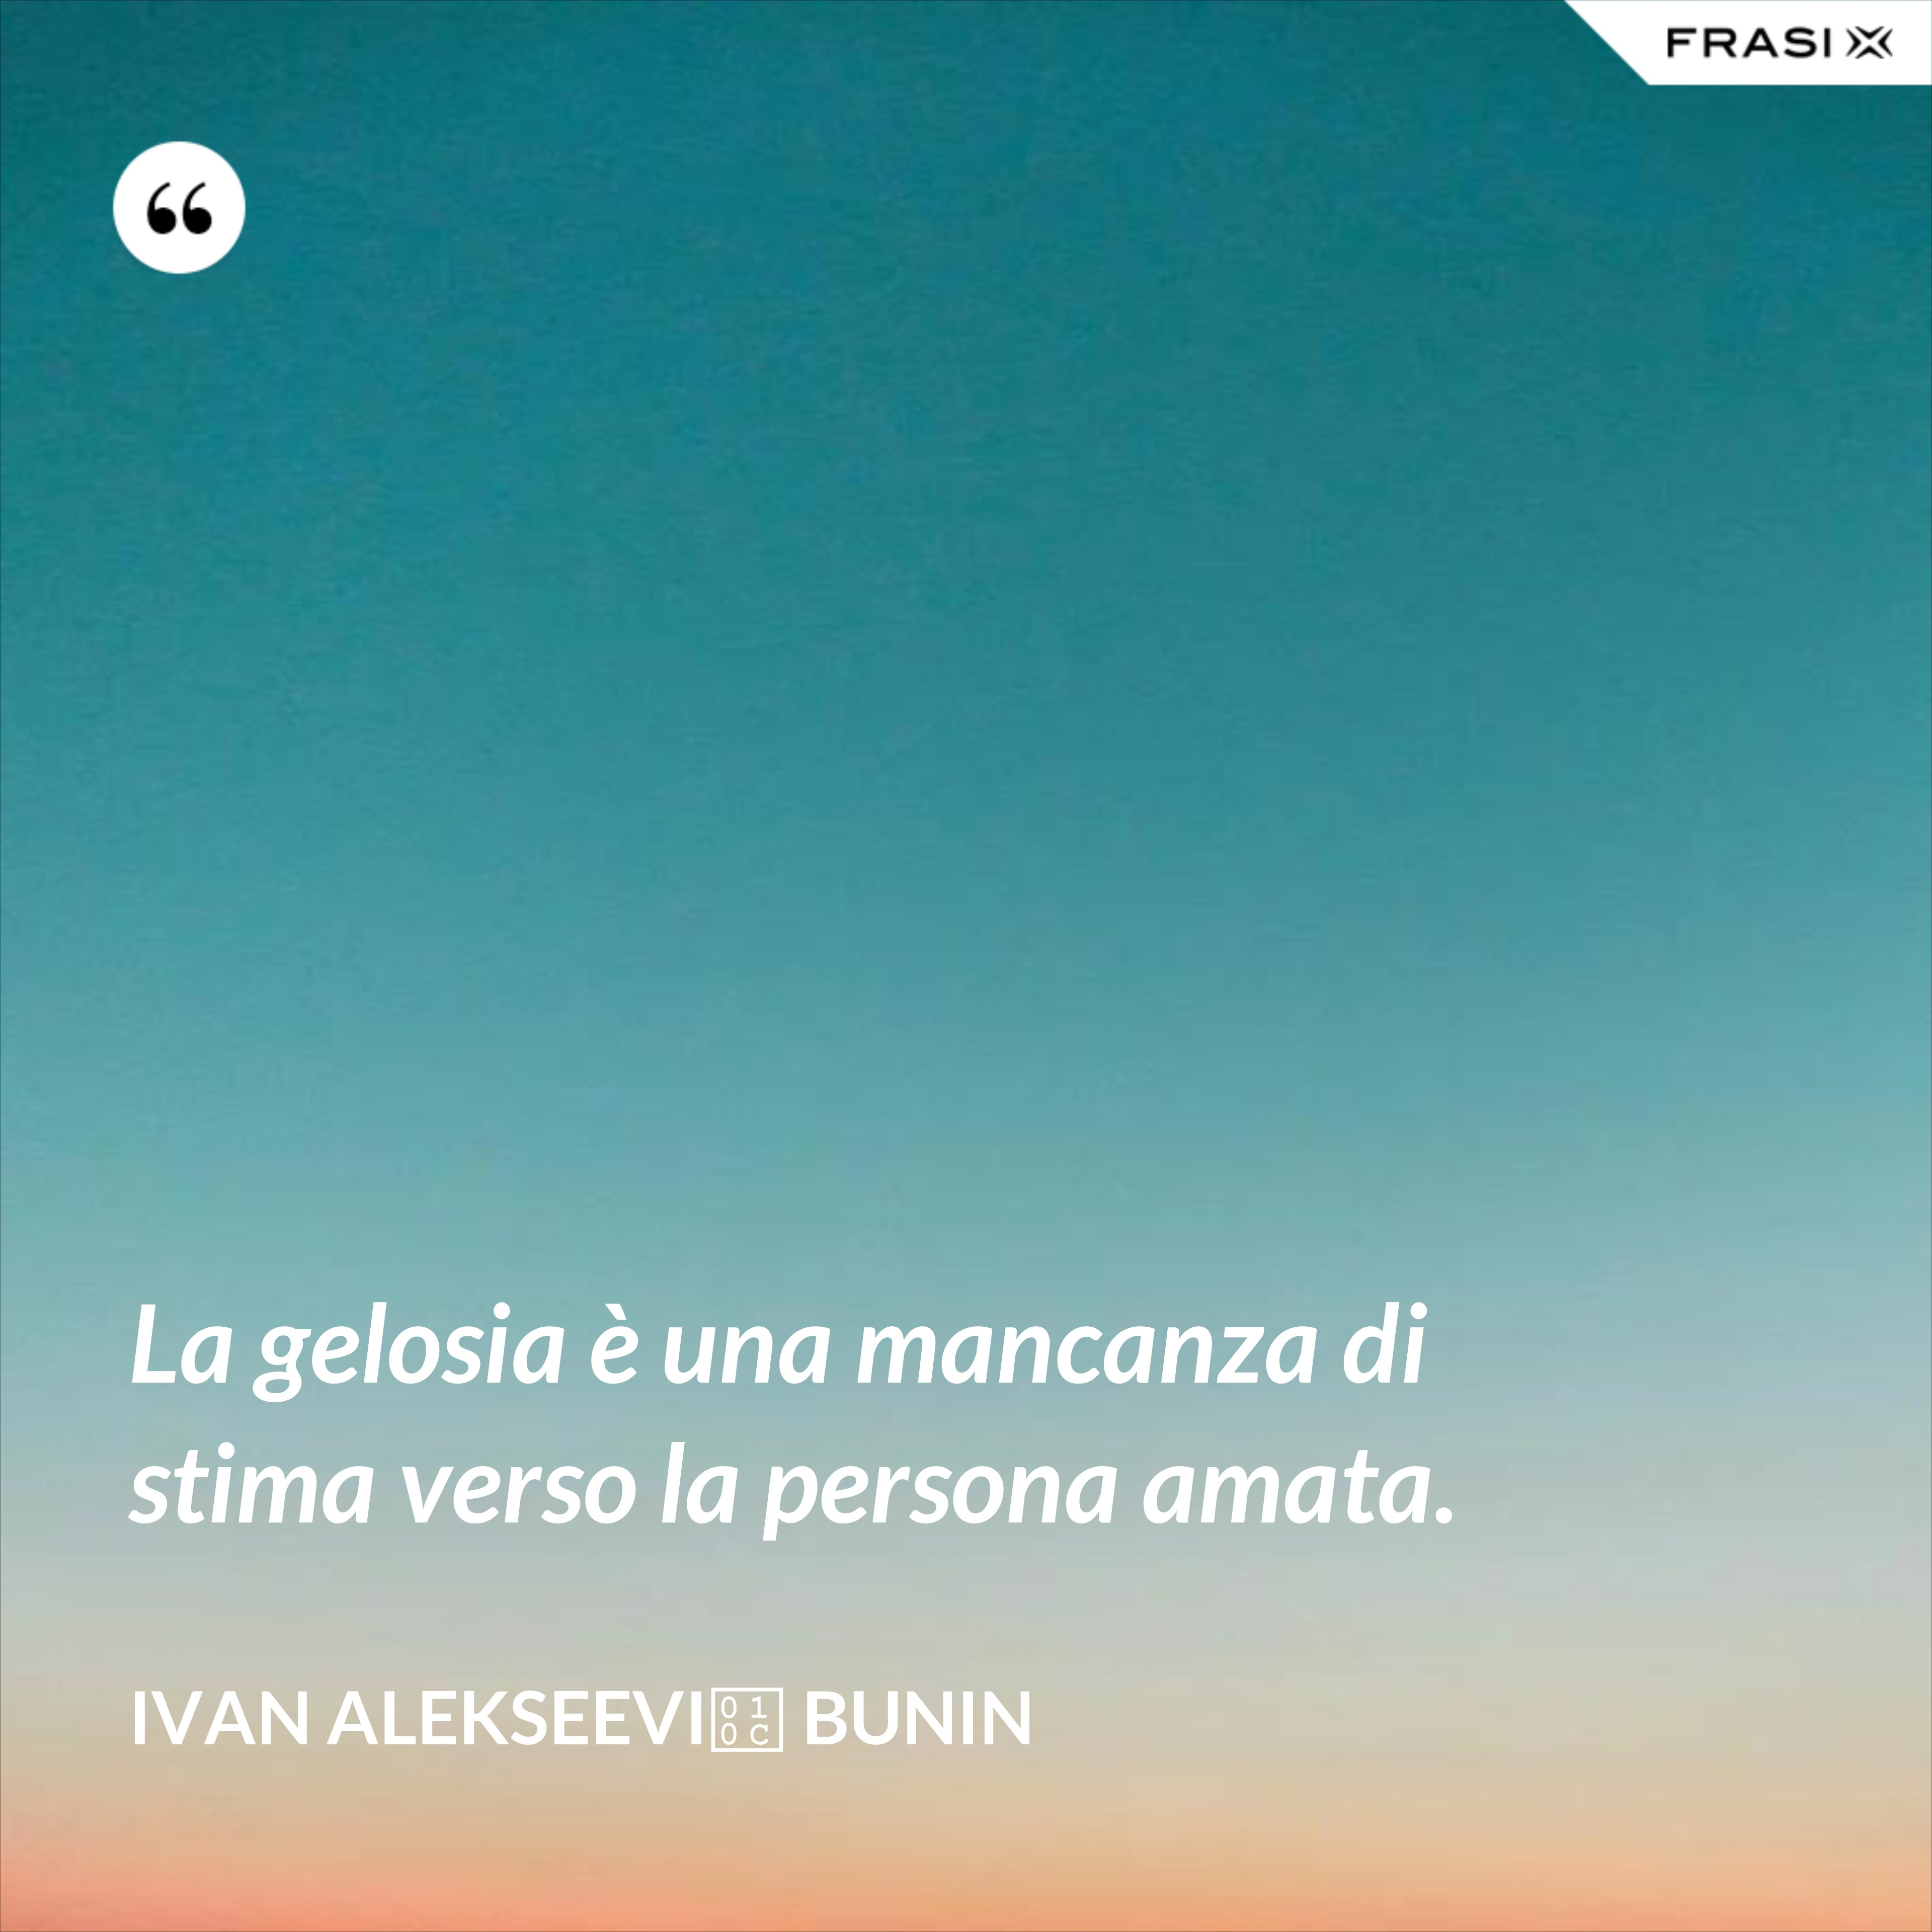 La gelosia è una mancanza di stima verso la persona amata. - Ivan Alekseevič Bunin